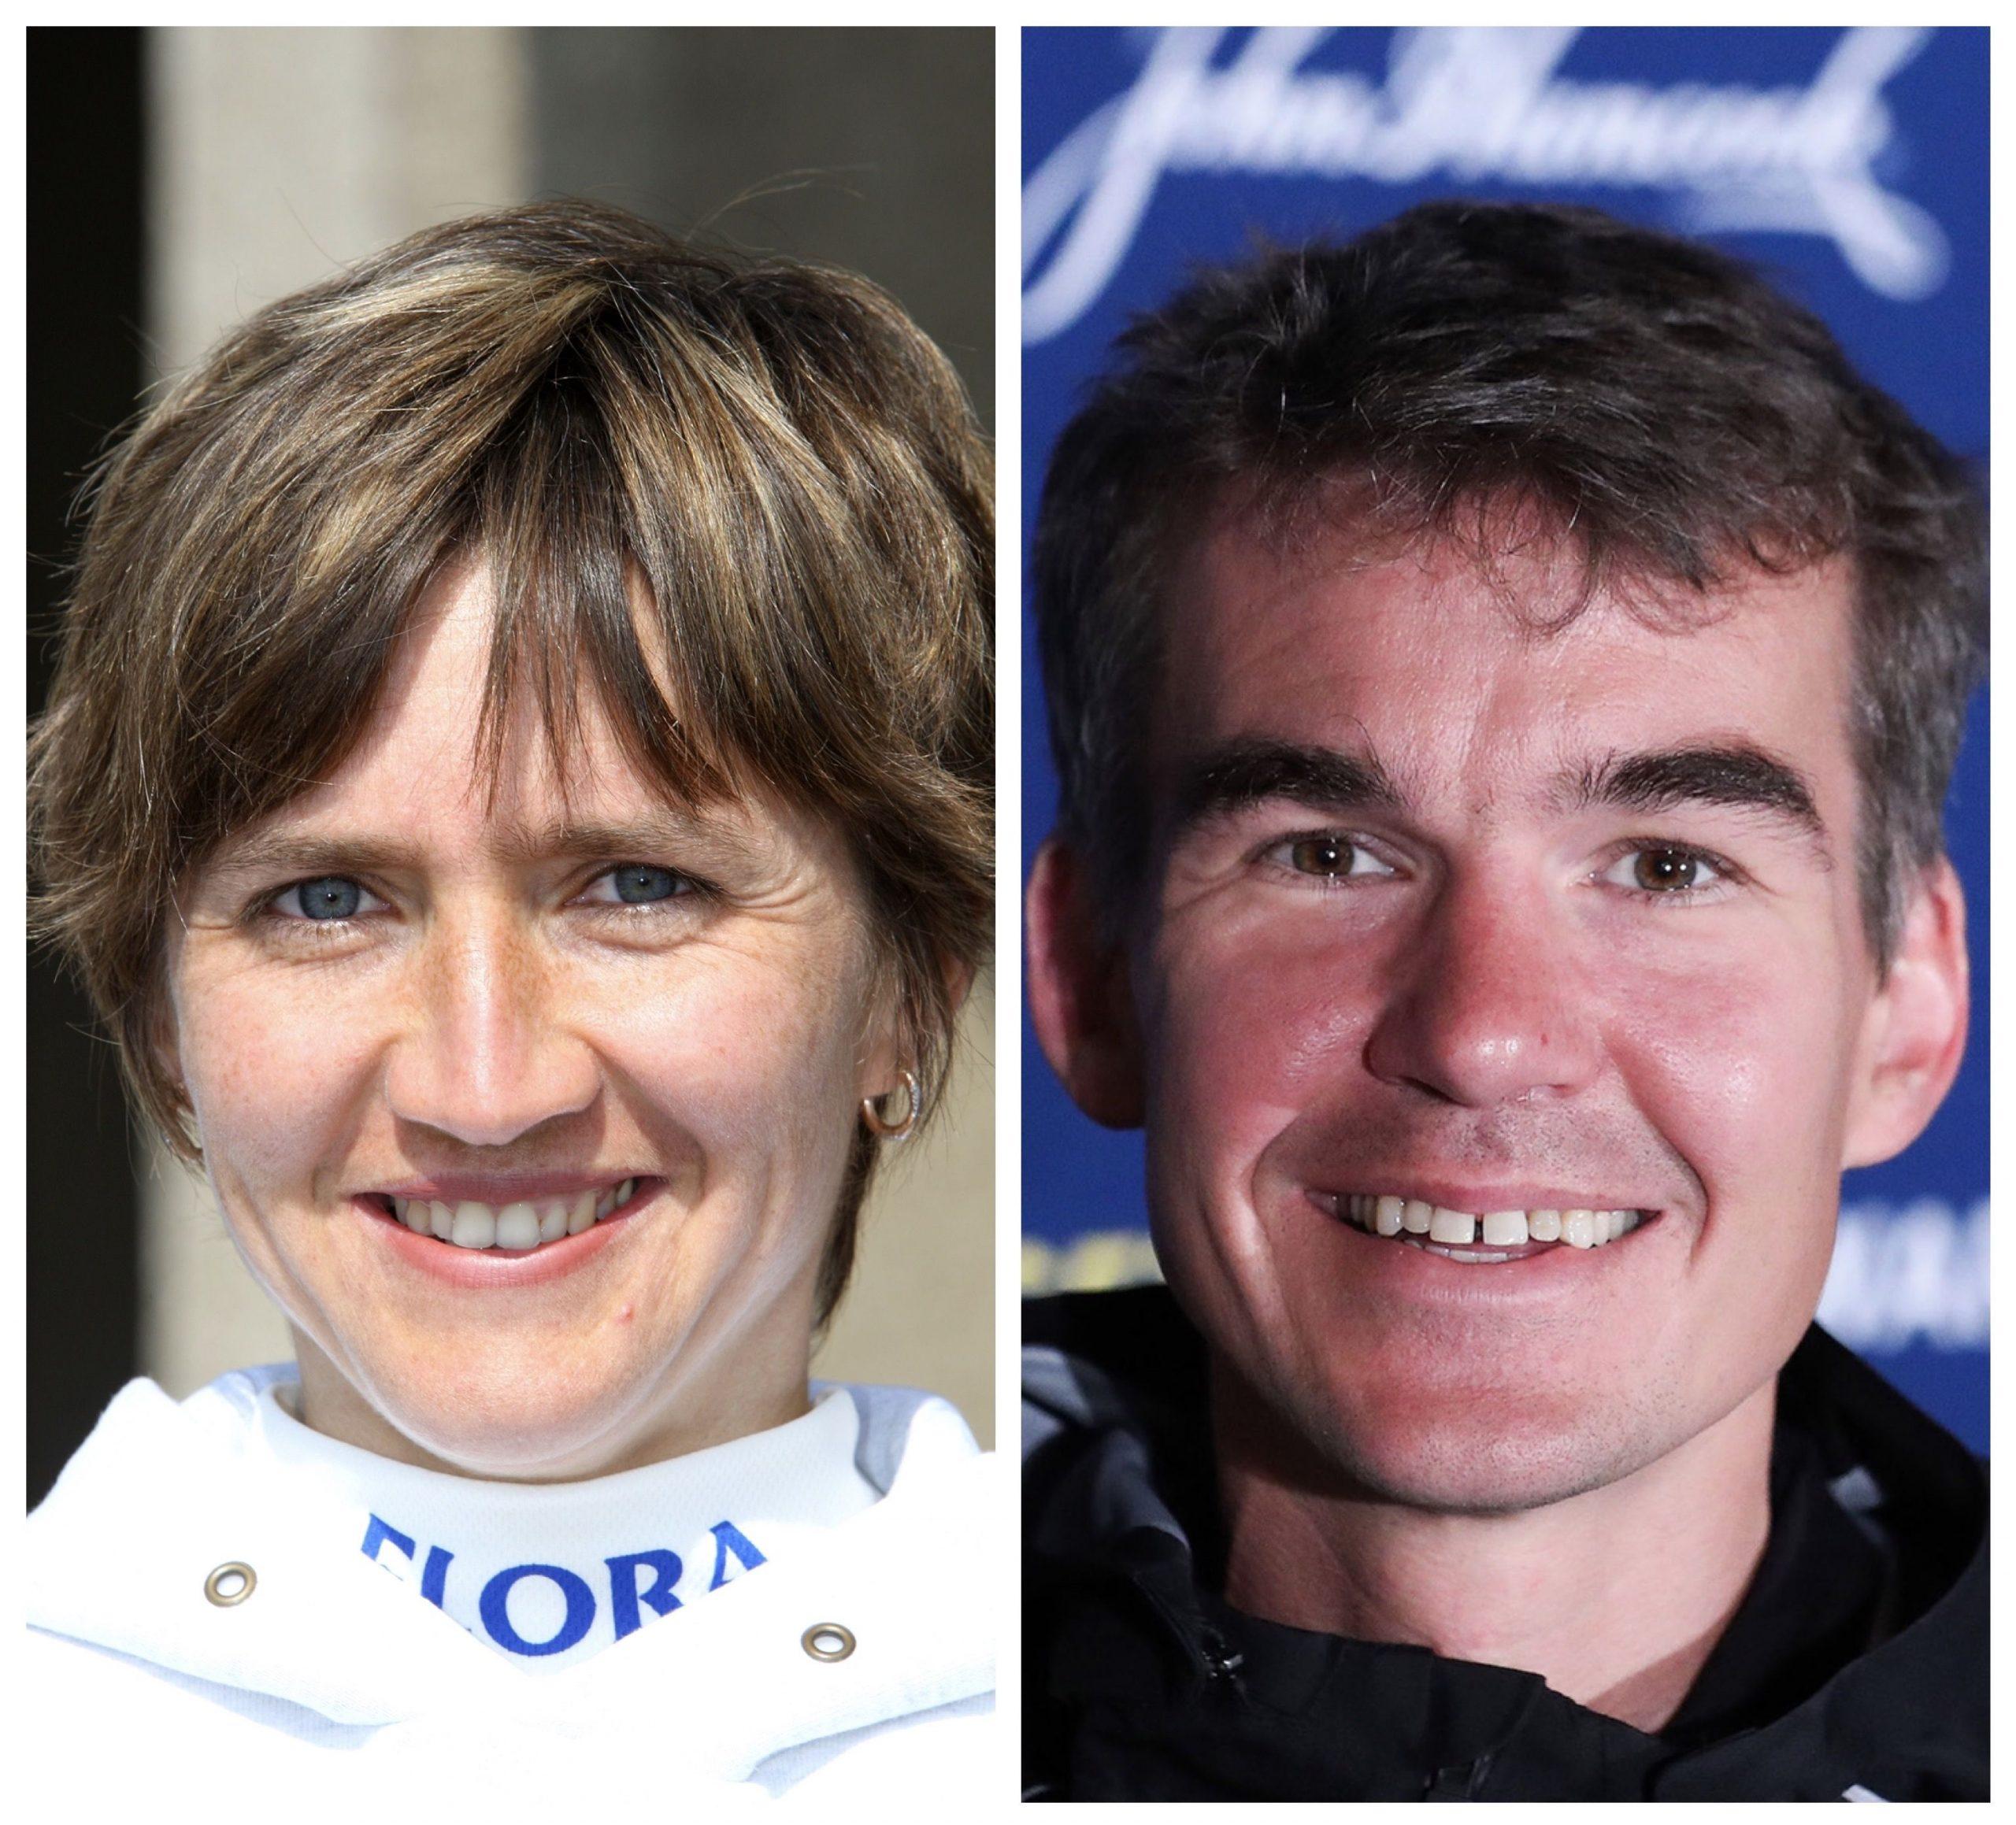 Deutschlands Marathon-Rekordler Arne Gabius und Irina Mikitenko  unterstützen Petition Save the Events – Rettet unsere Läufe